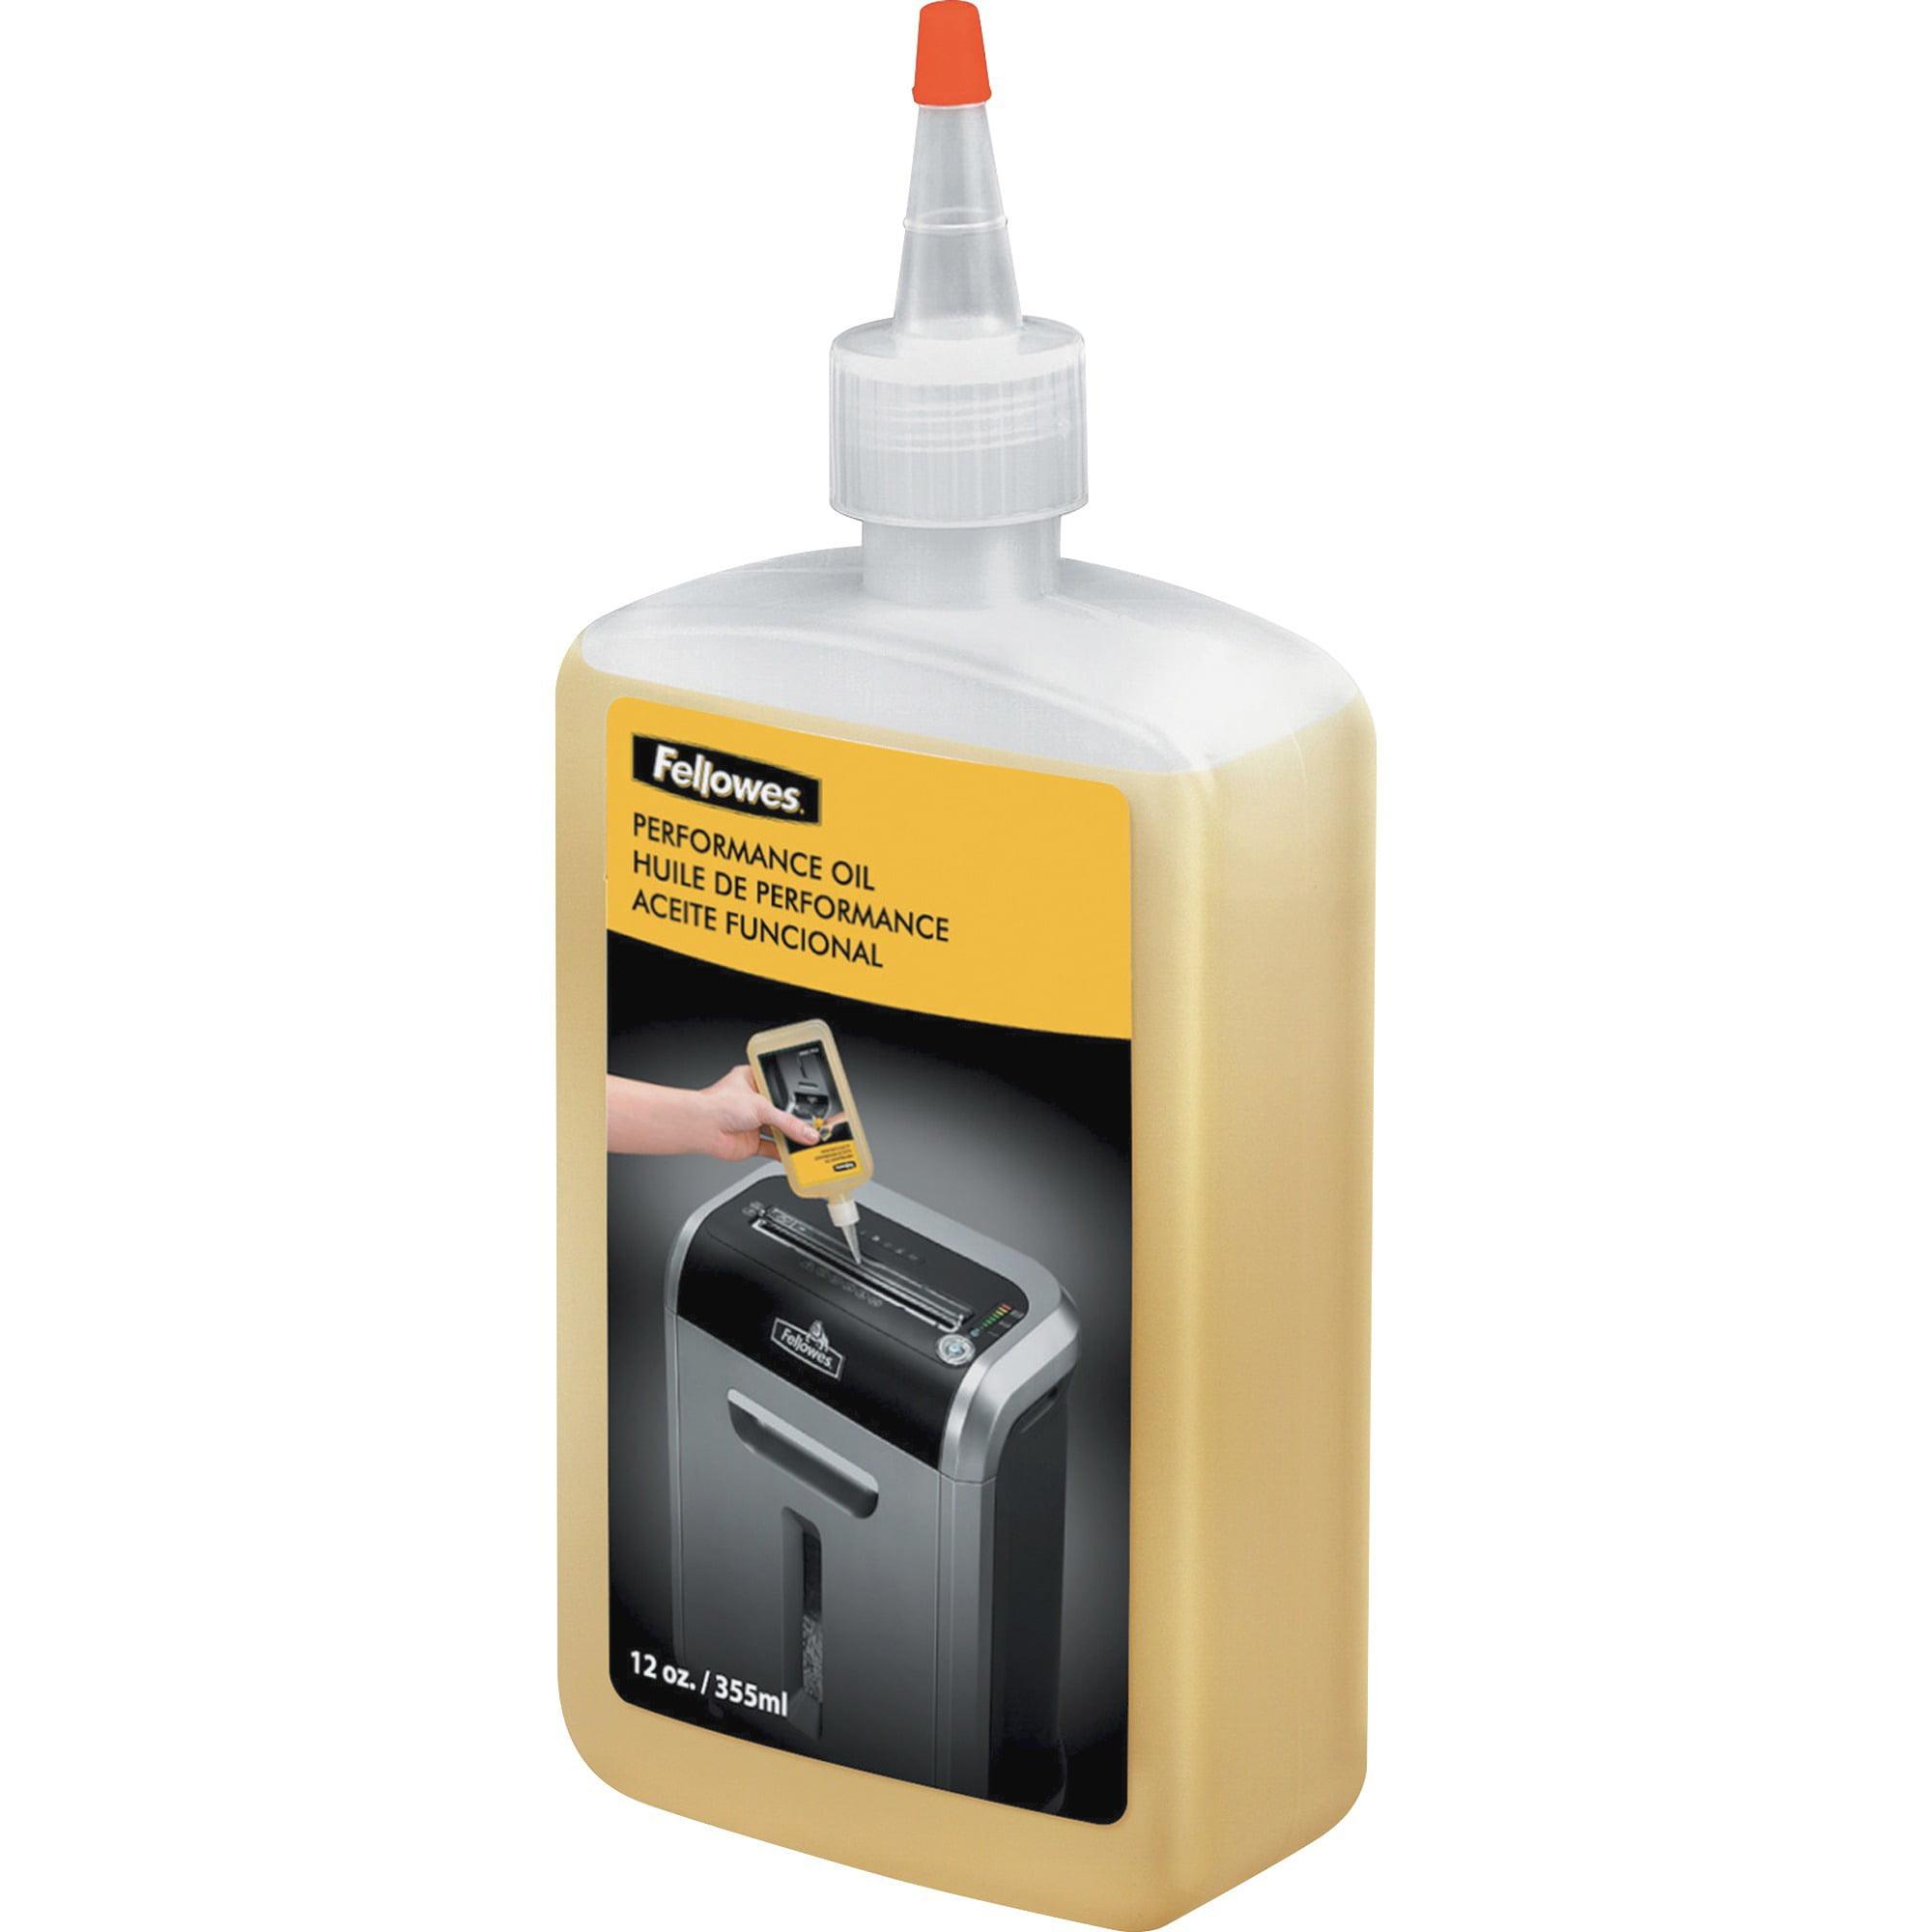 Fellowes, FEL35250, Powershred® Shredder Oil - 12 Oz. Bottle, 1 Each, Light Amber